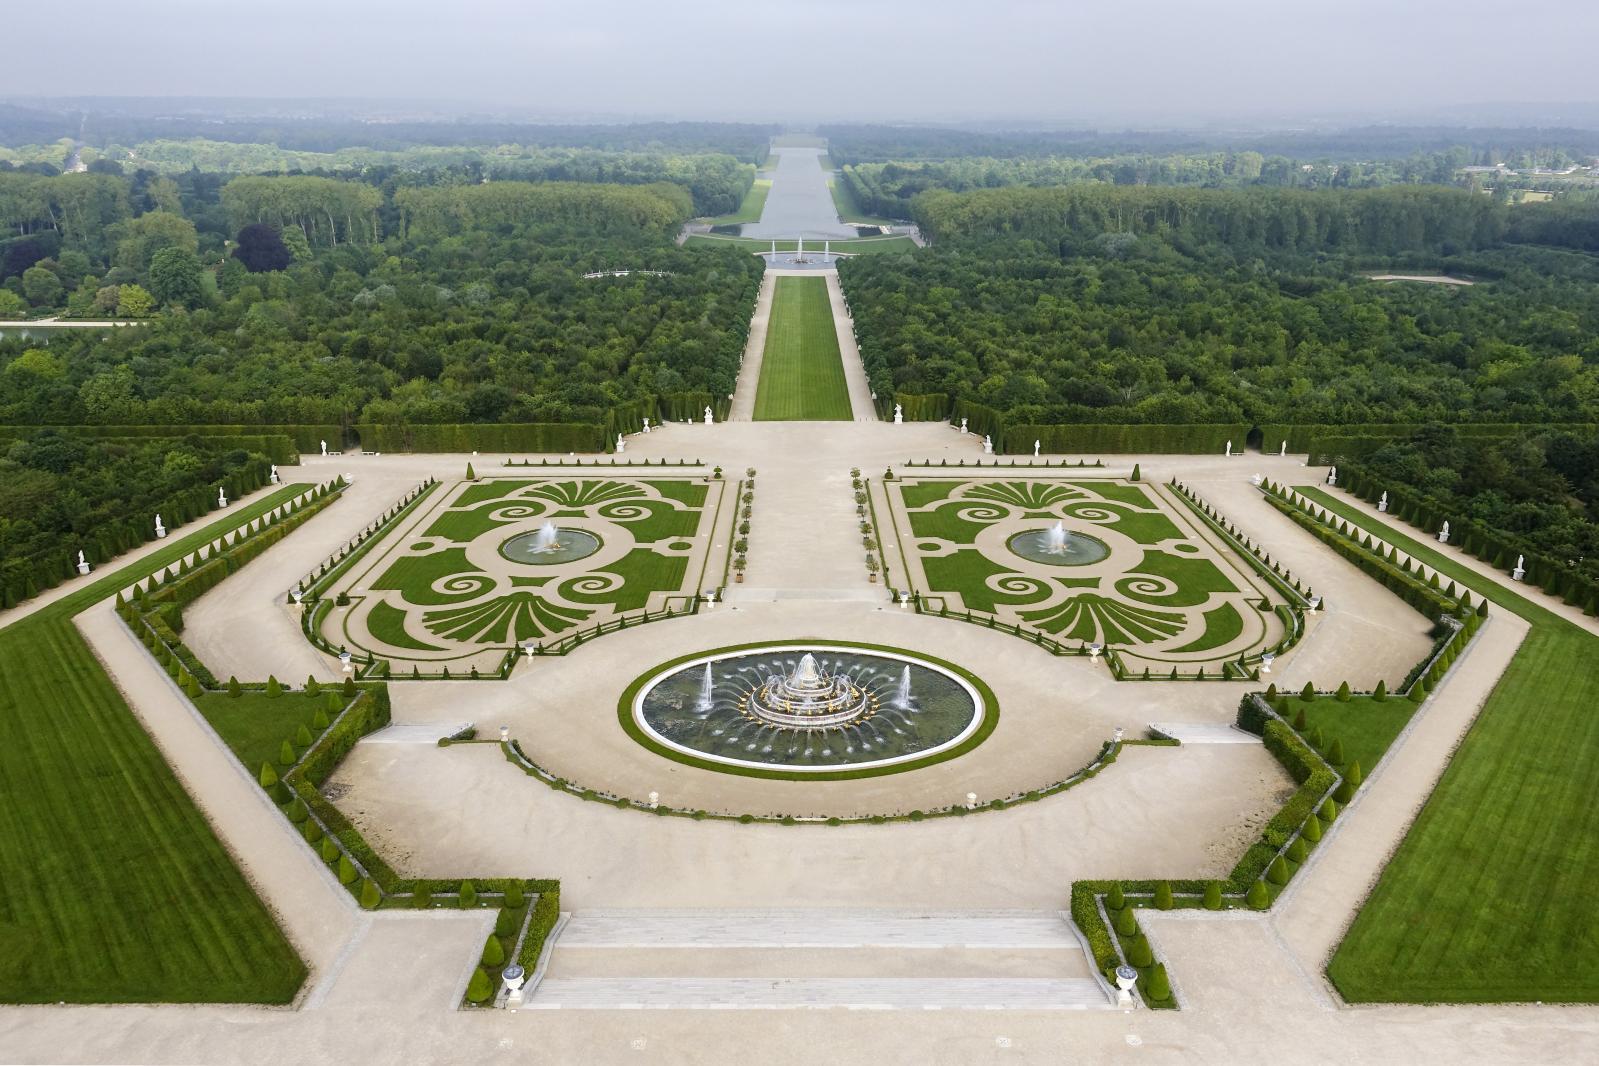 Vue des jardins vers l'ouest, avec les parterres et le grand canal. ©Thomas Garnier